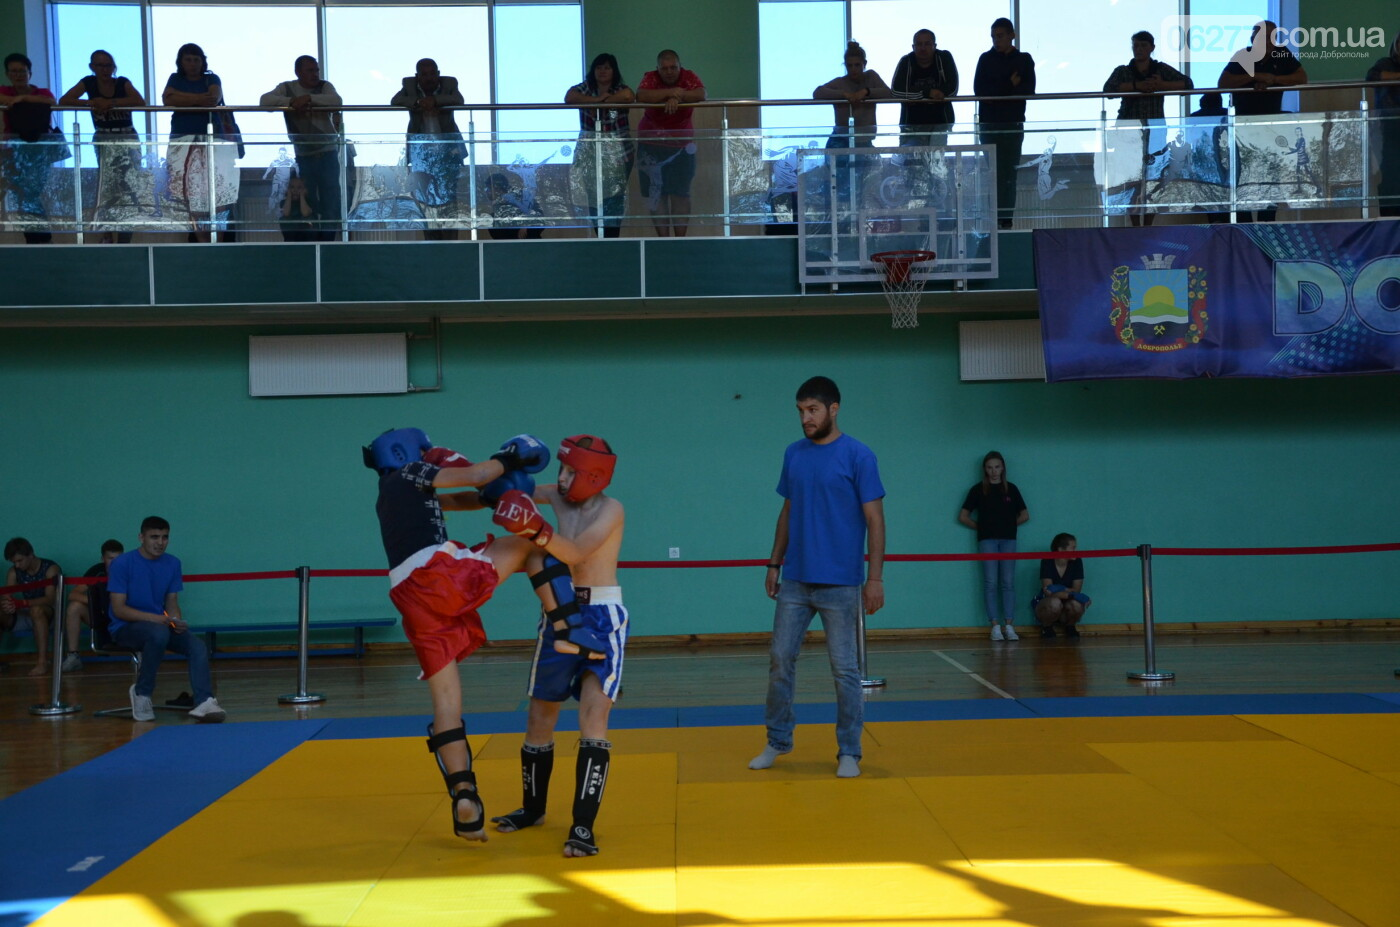 Турнір з кікбоксингу відбувся у Палаці спорту Добропілля, фото-1